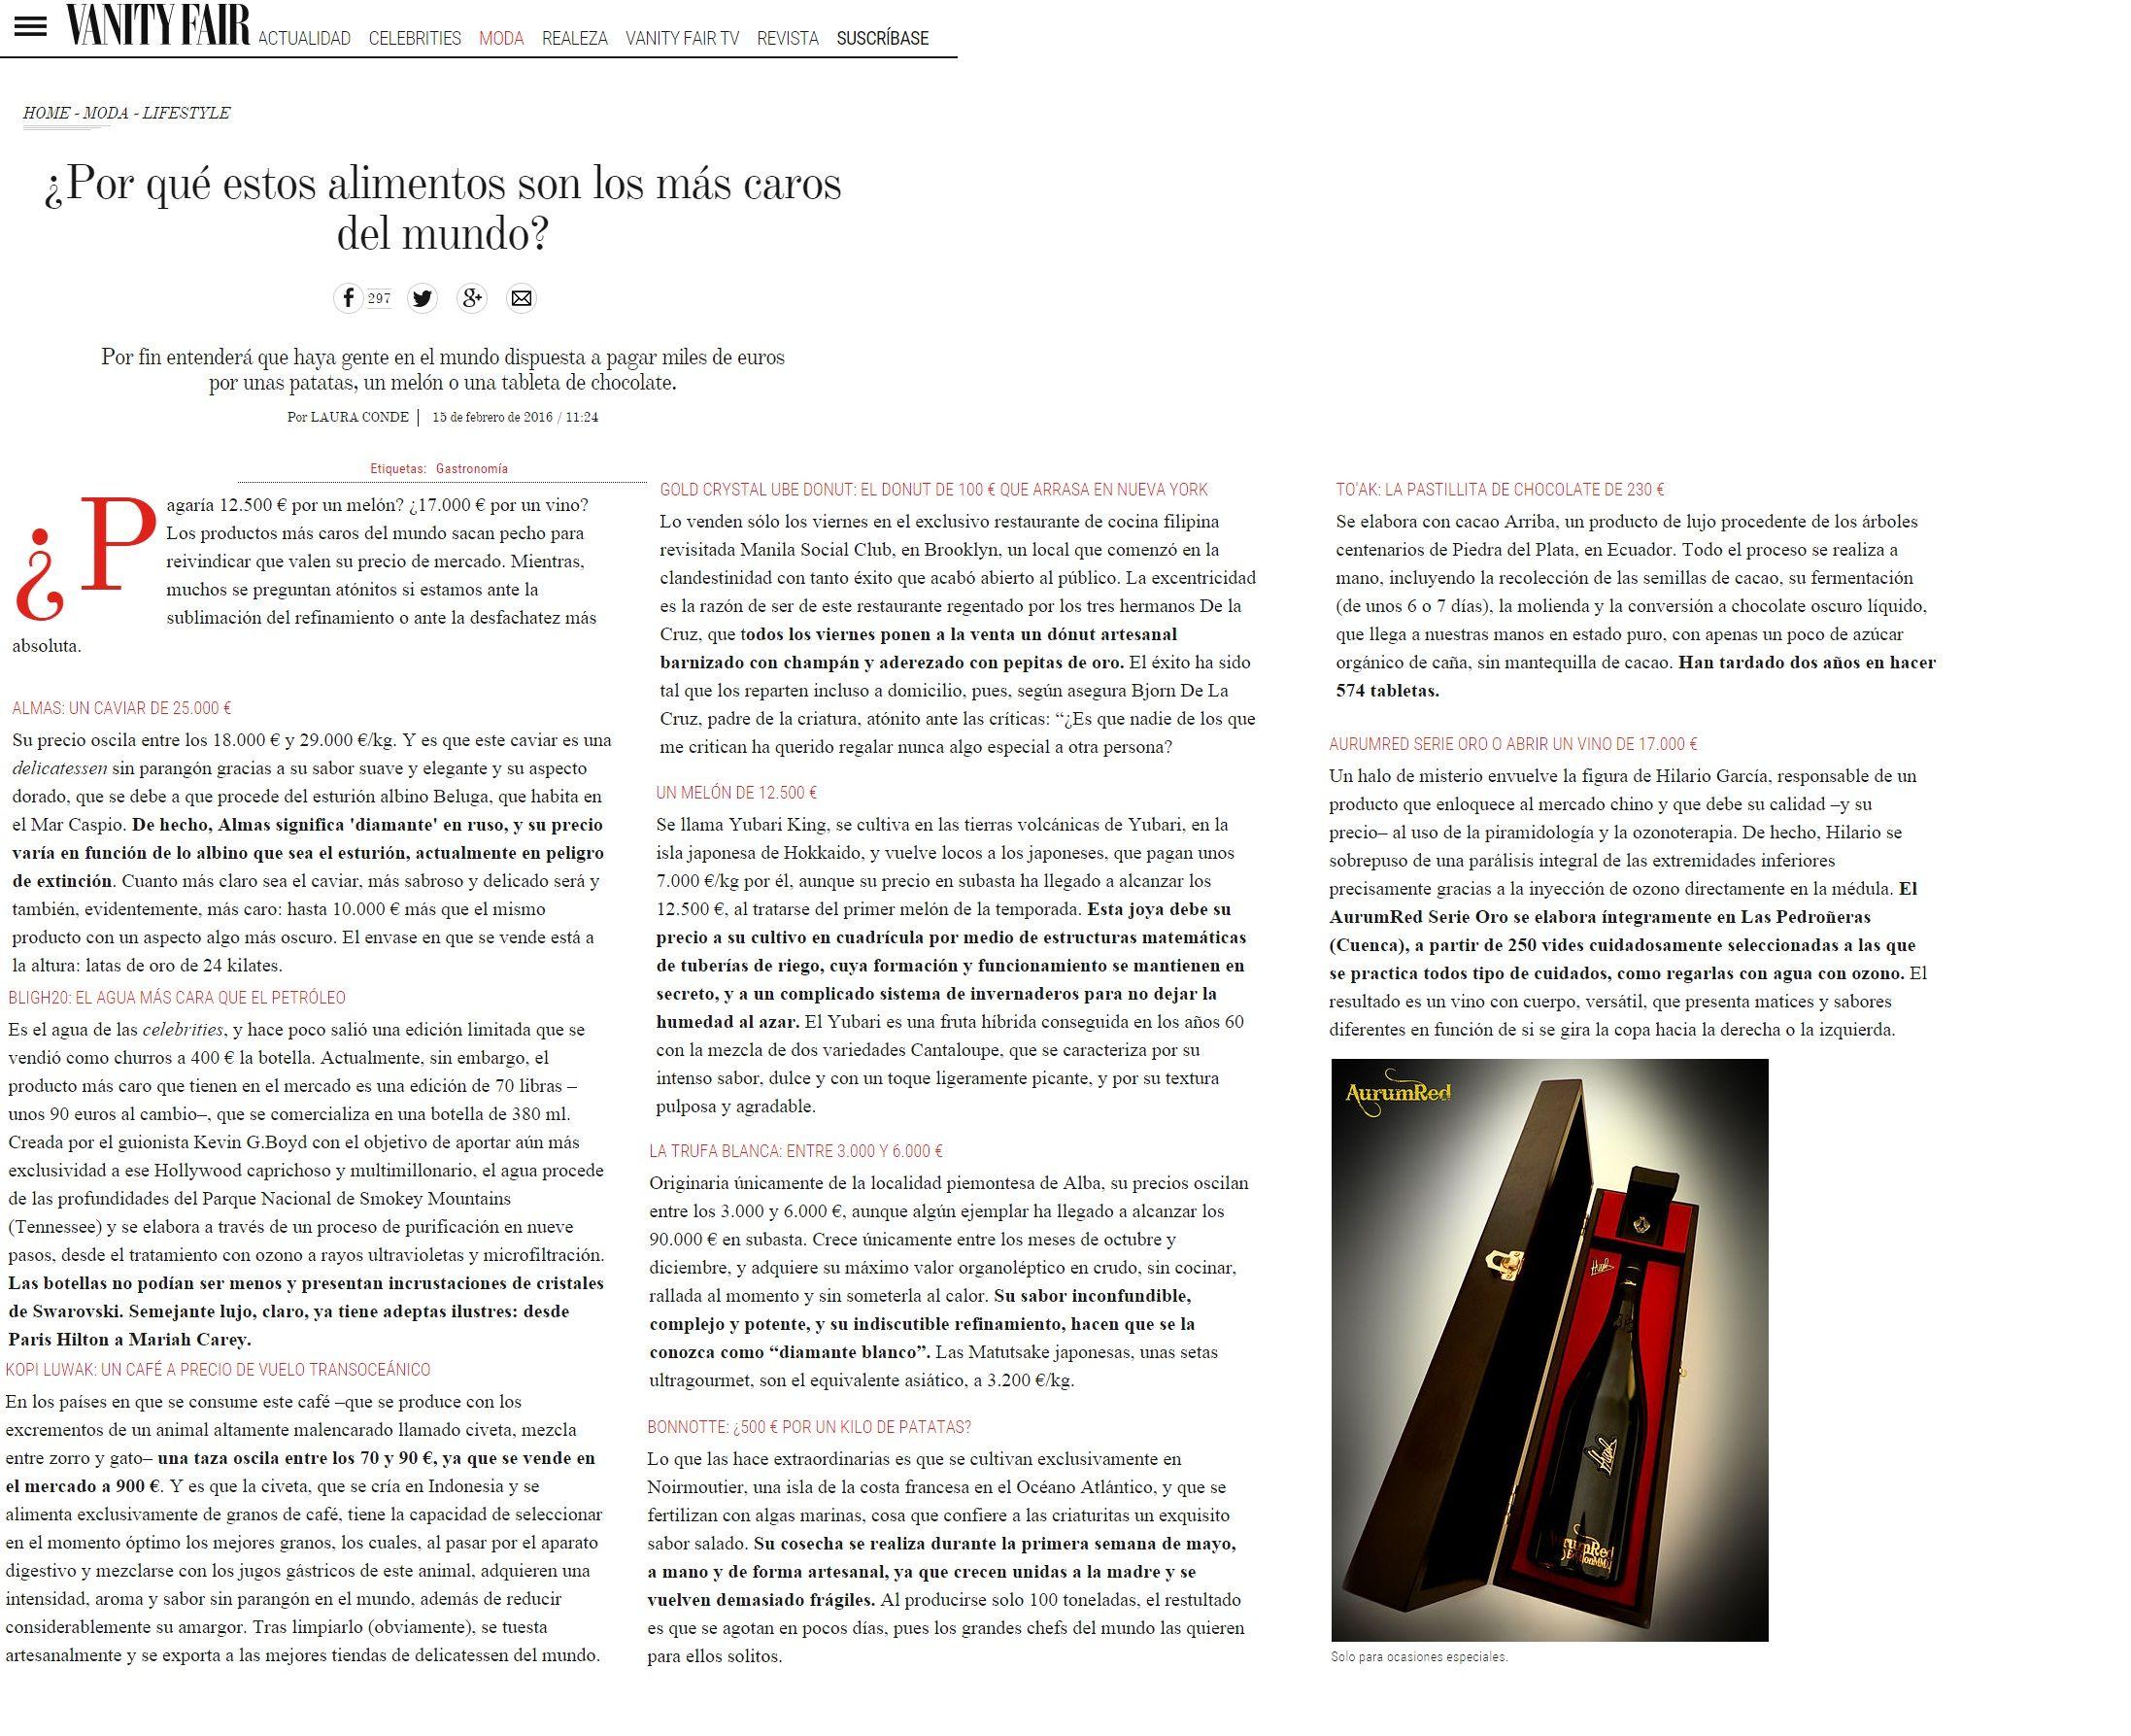 Artículo en Revista Vanity Fair acerca de AurumRed